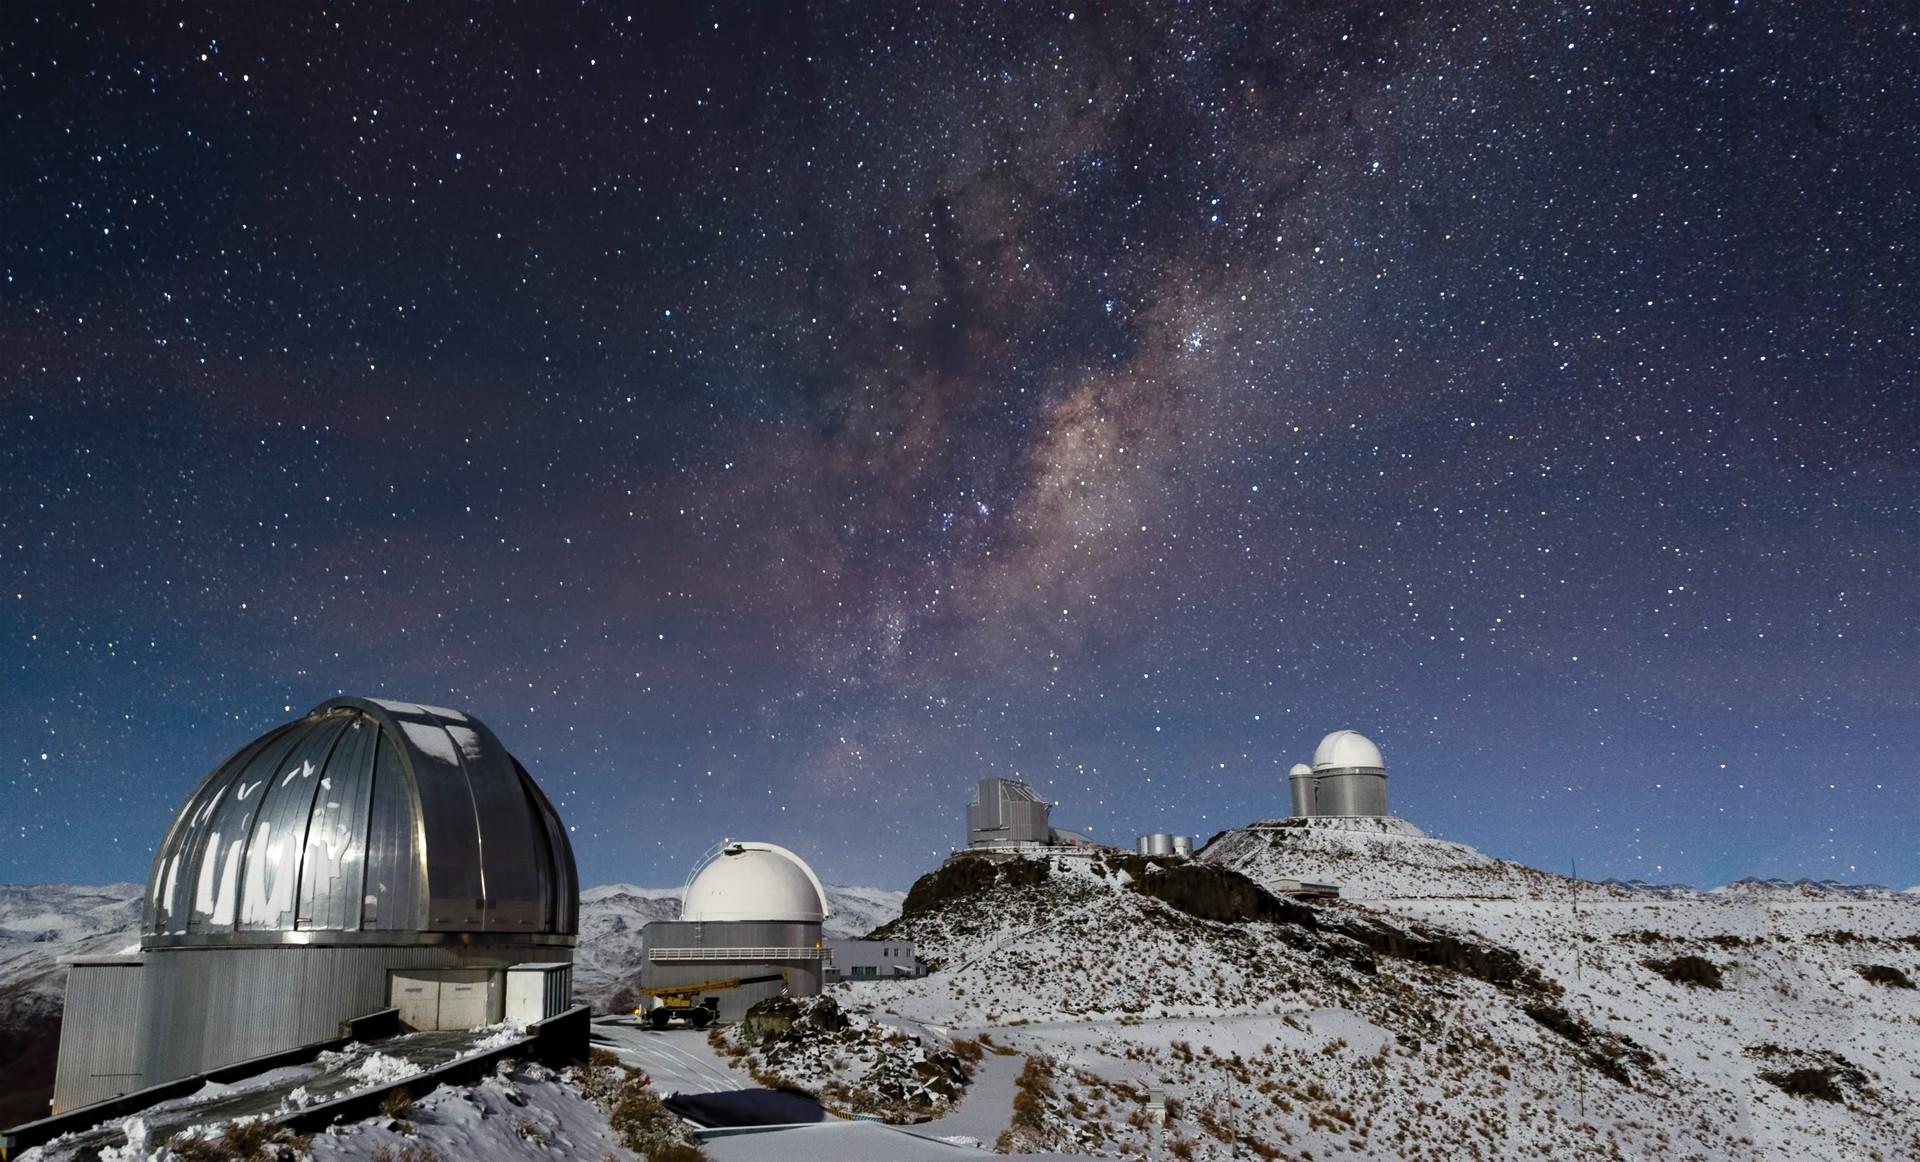 Astrônomos brasileiros confirmam que a Via Láctea tem quatro braços espirais